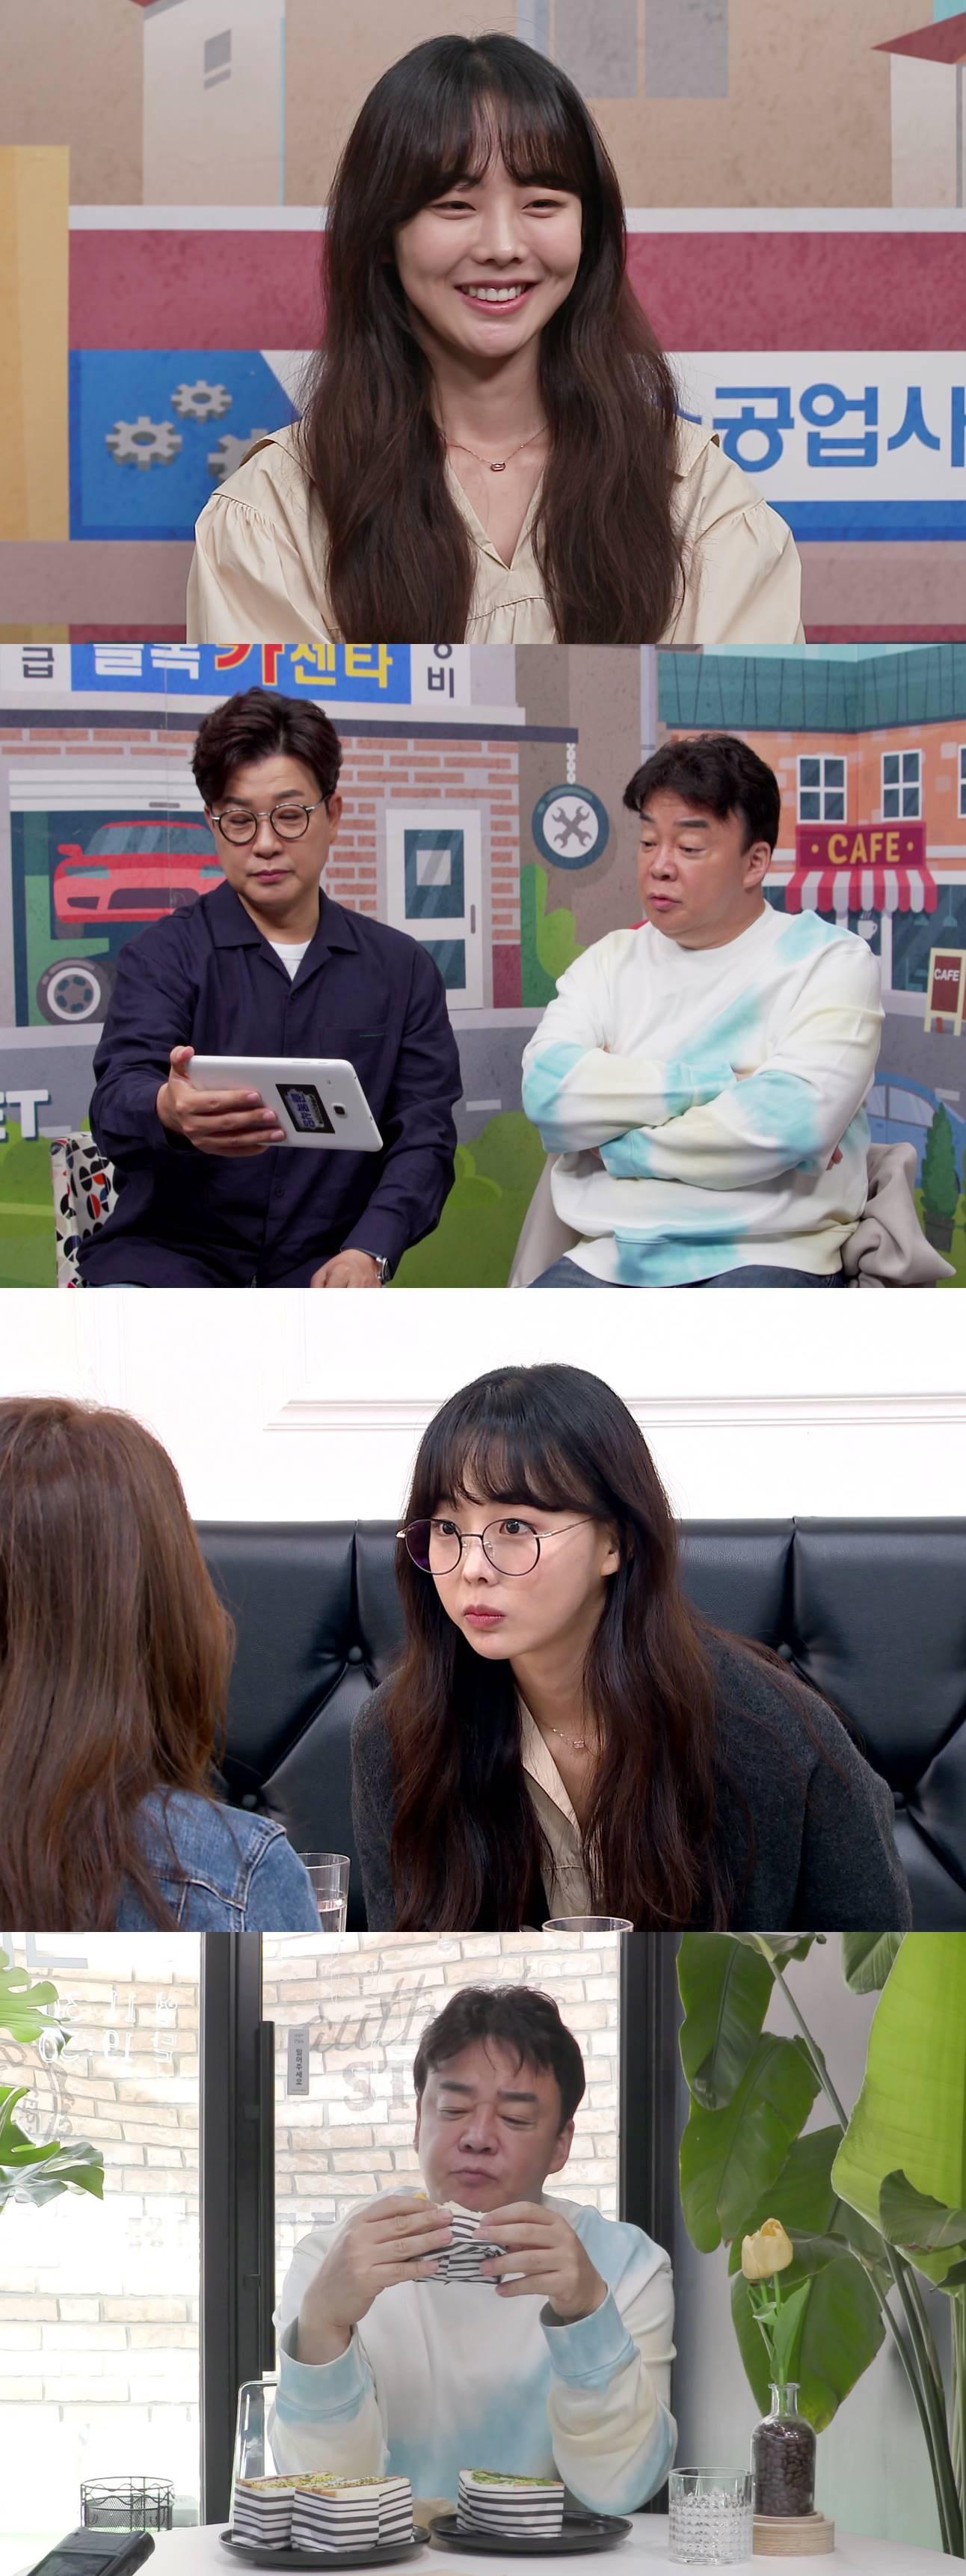 '골목식당' 새 MC 금새록 첫 등장, 날카로운 시식평 '눈길'